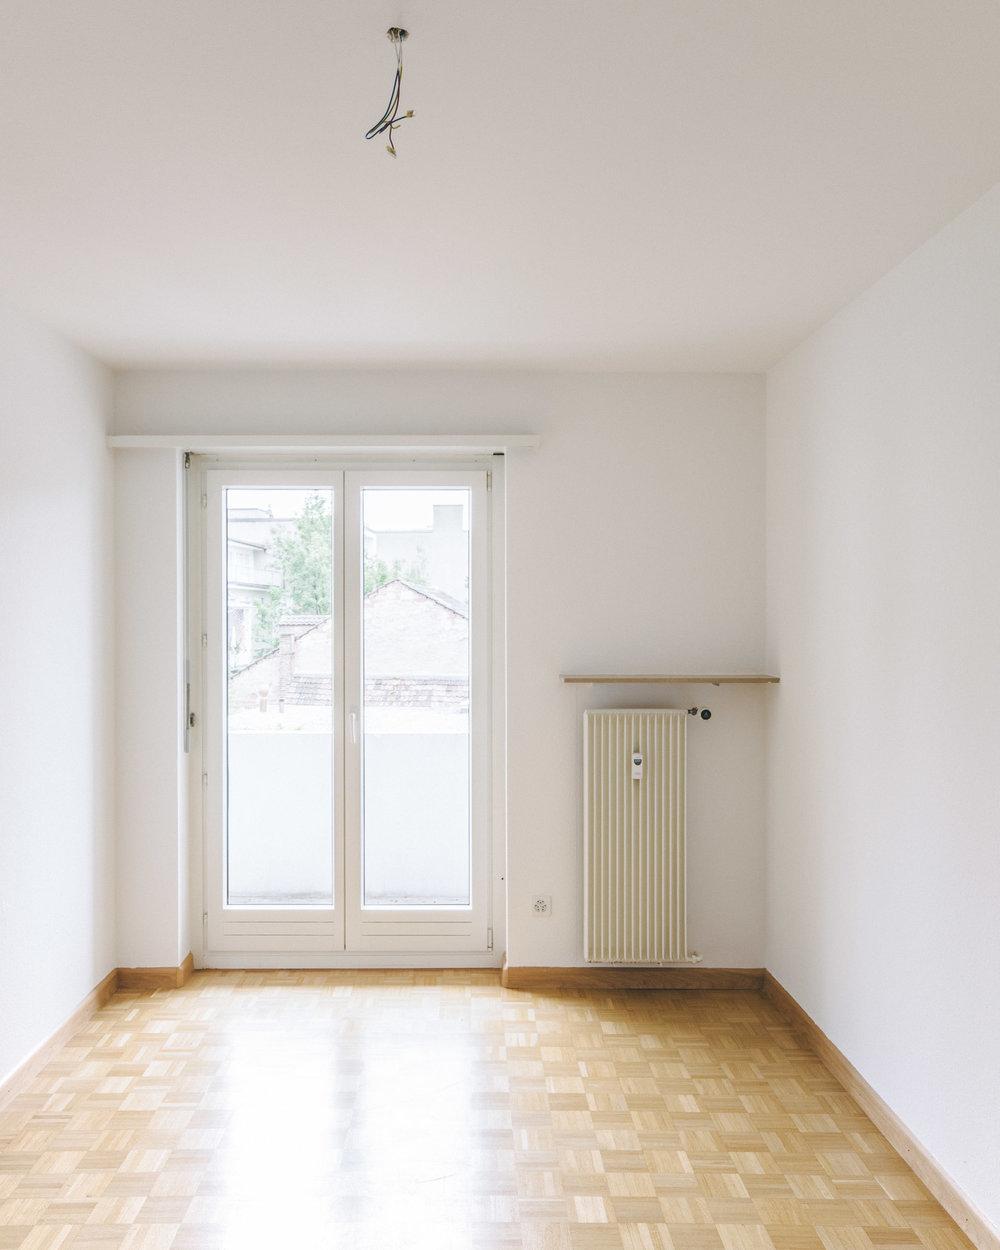 Innensanierung Basel Zimmer, Consilium Architektur und Baumanagement